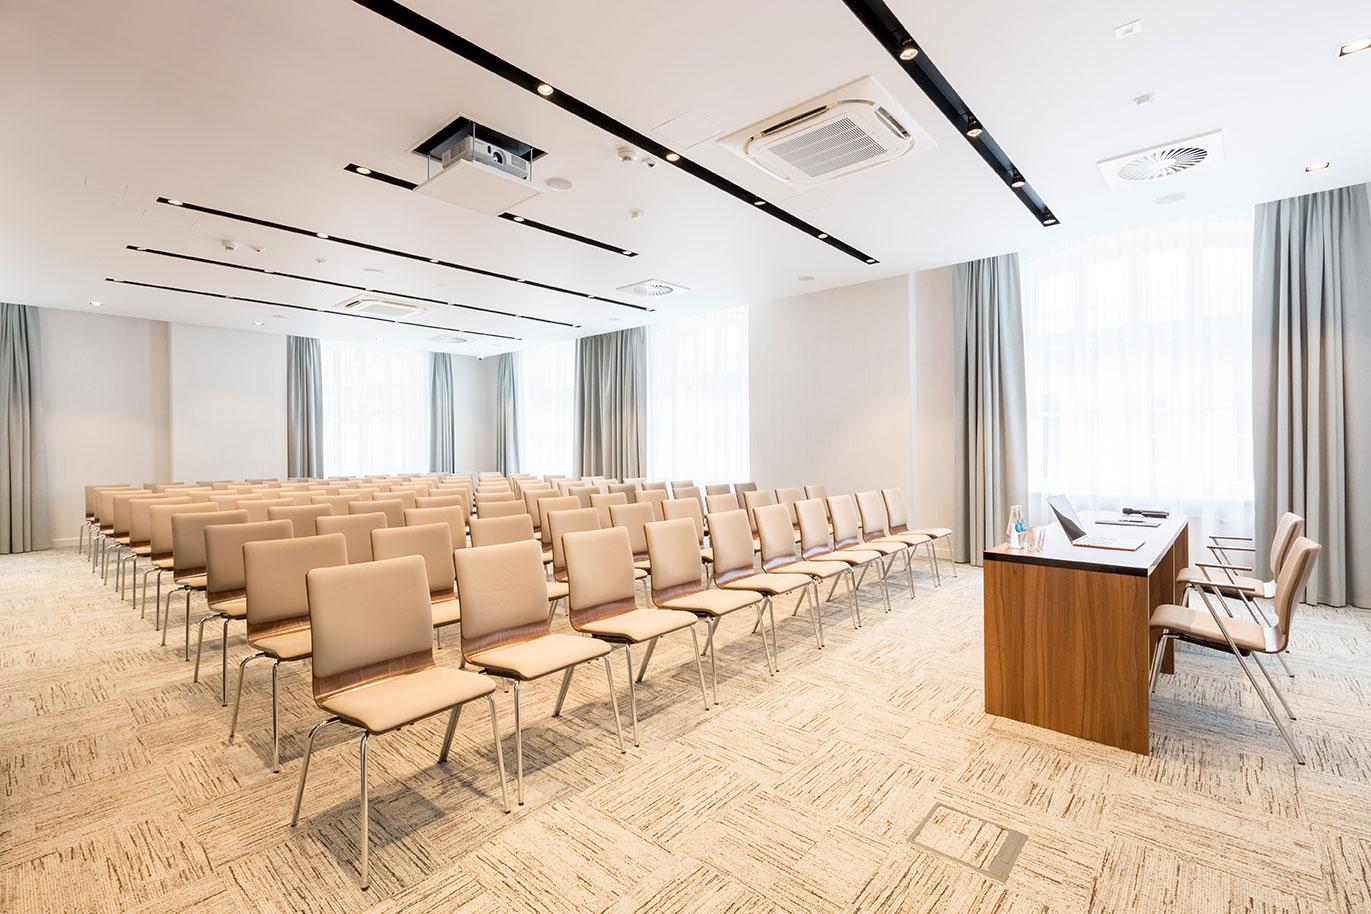 Sala konferencyjna w hotelu Grand Ascot w Krakowie